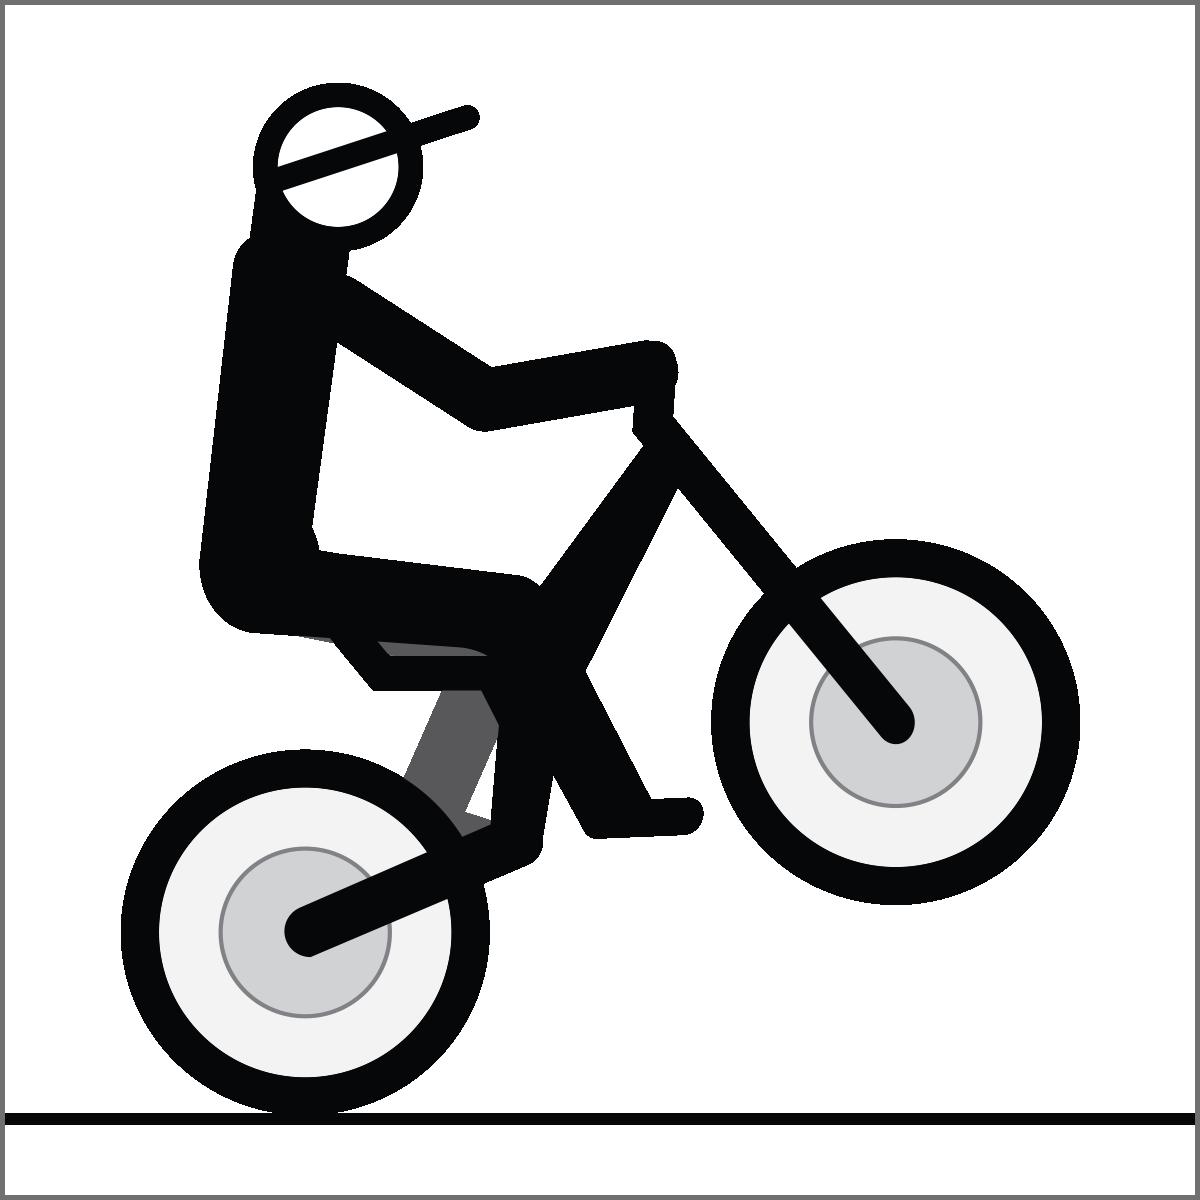 Crane Moto Racing Dessin Vectoriel Moto Vecteur Course Png Et Vecteur Pour Telechargement Gratuit Gambar Tengkorak Desain Vektor Menggambar Tangan